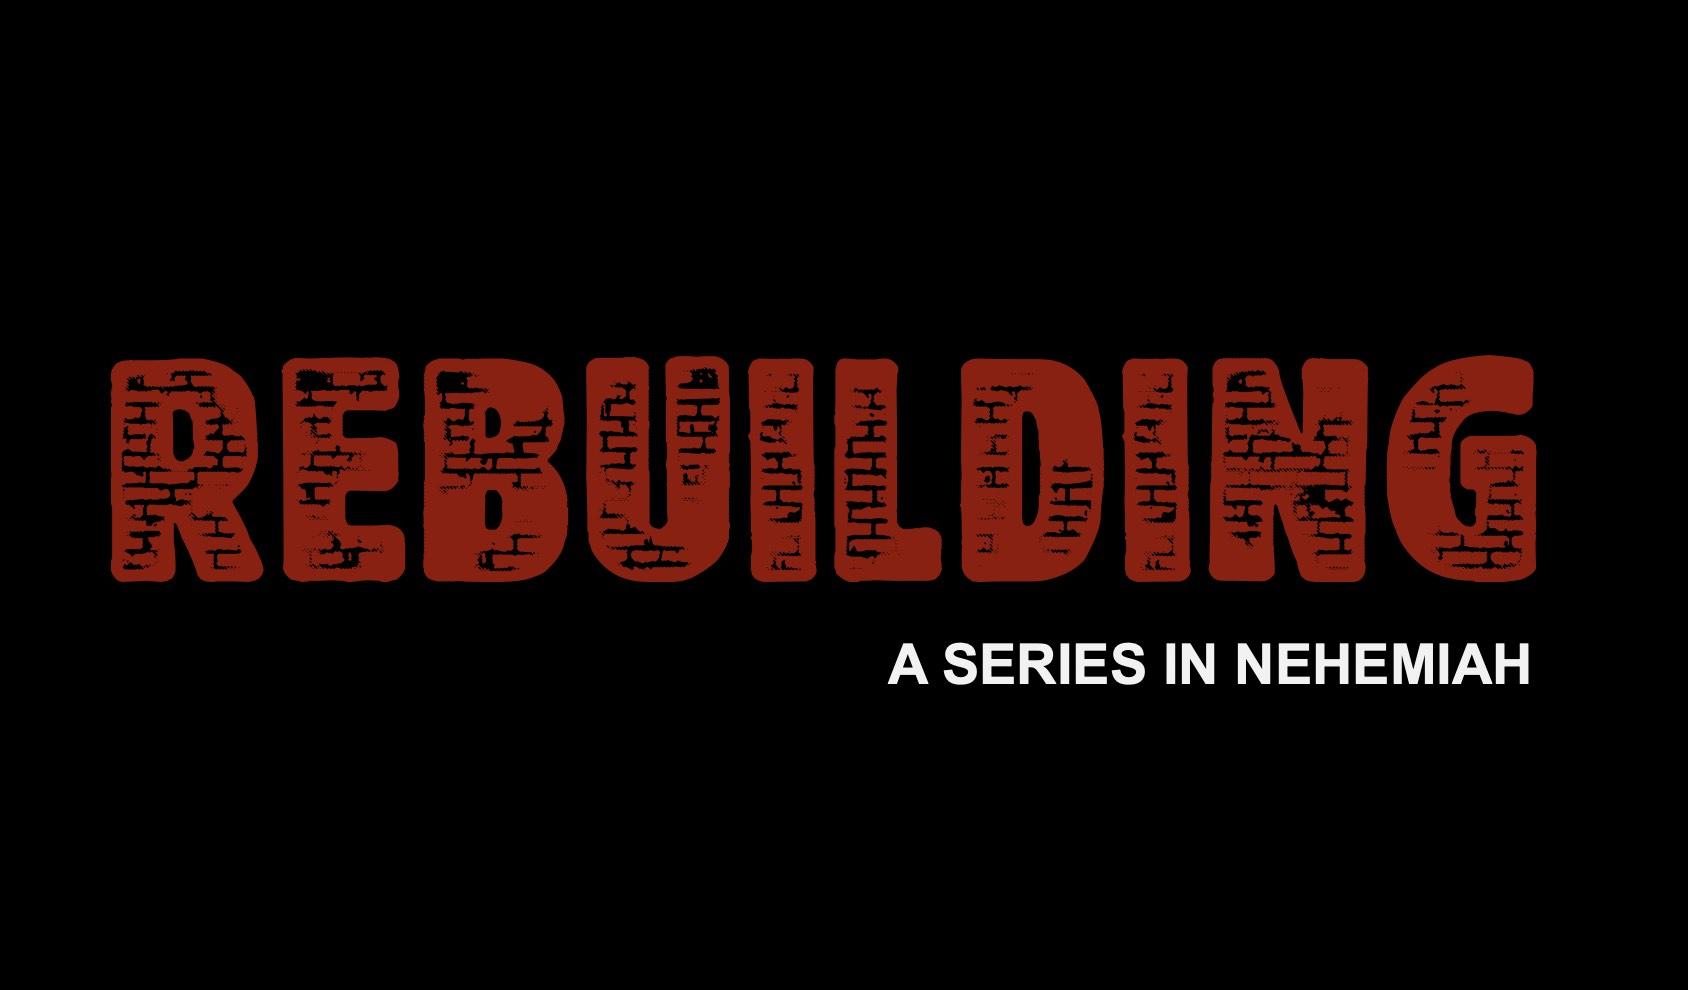 Rebuilding Nehemiah 5